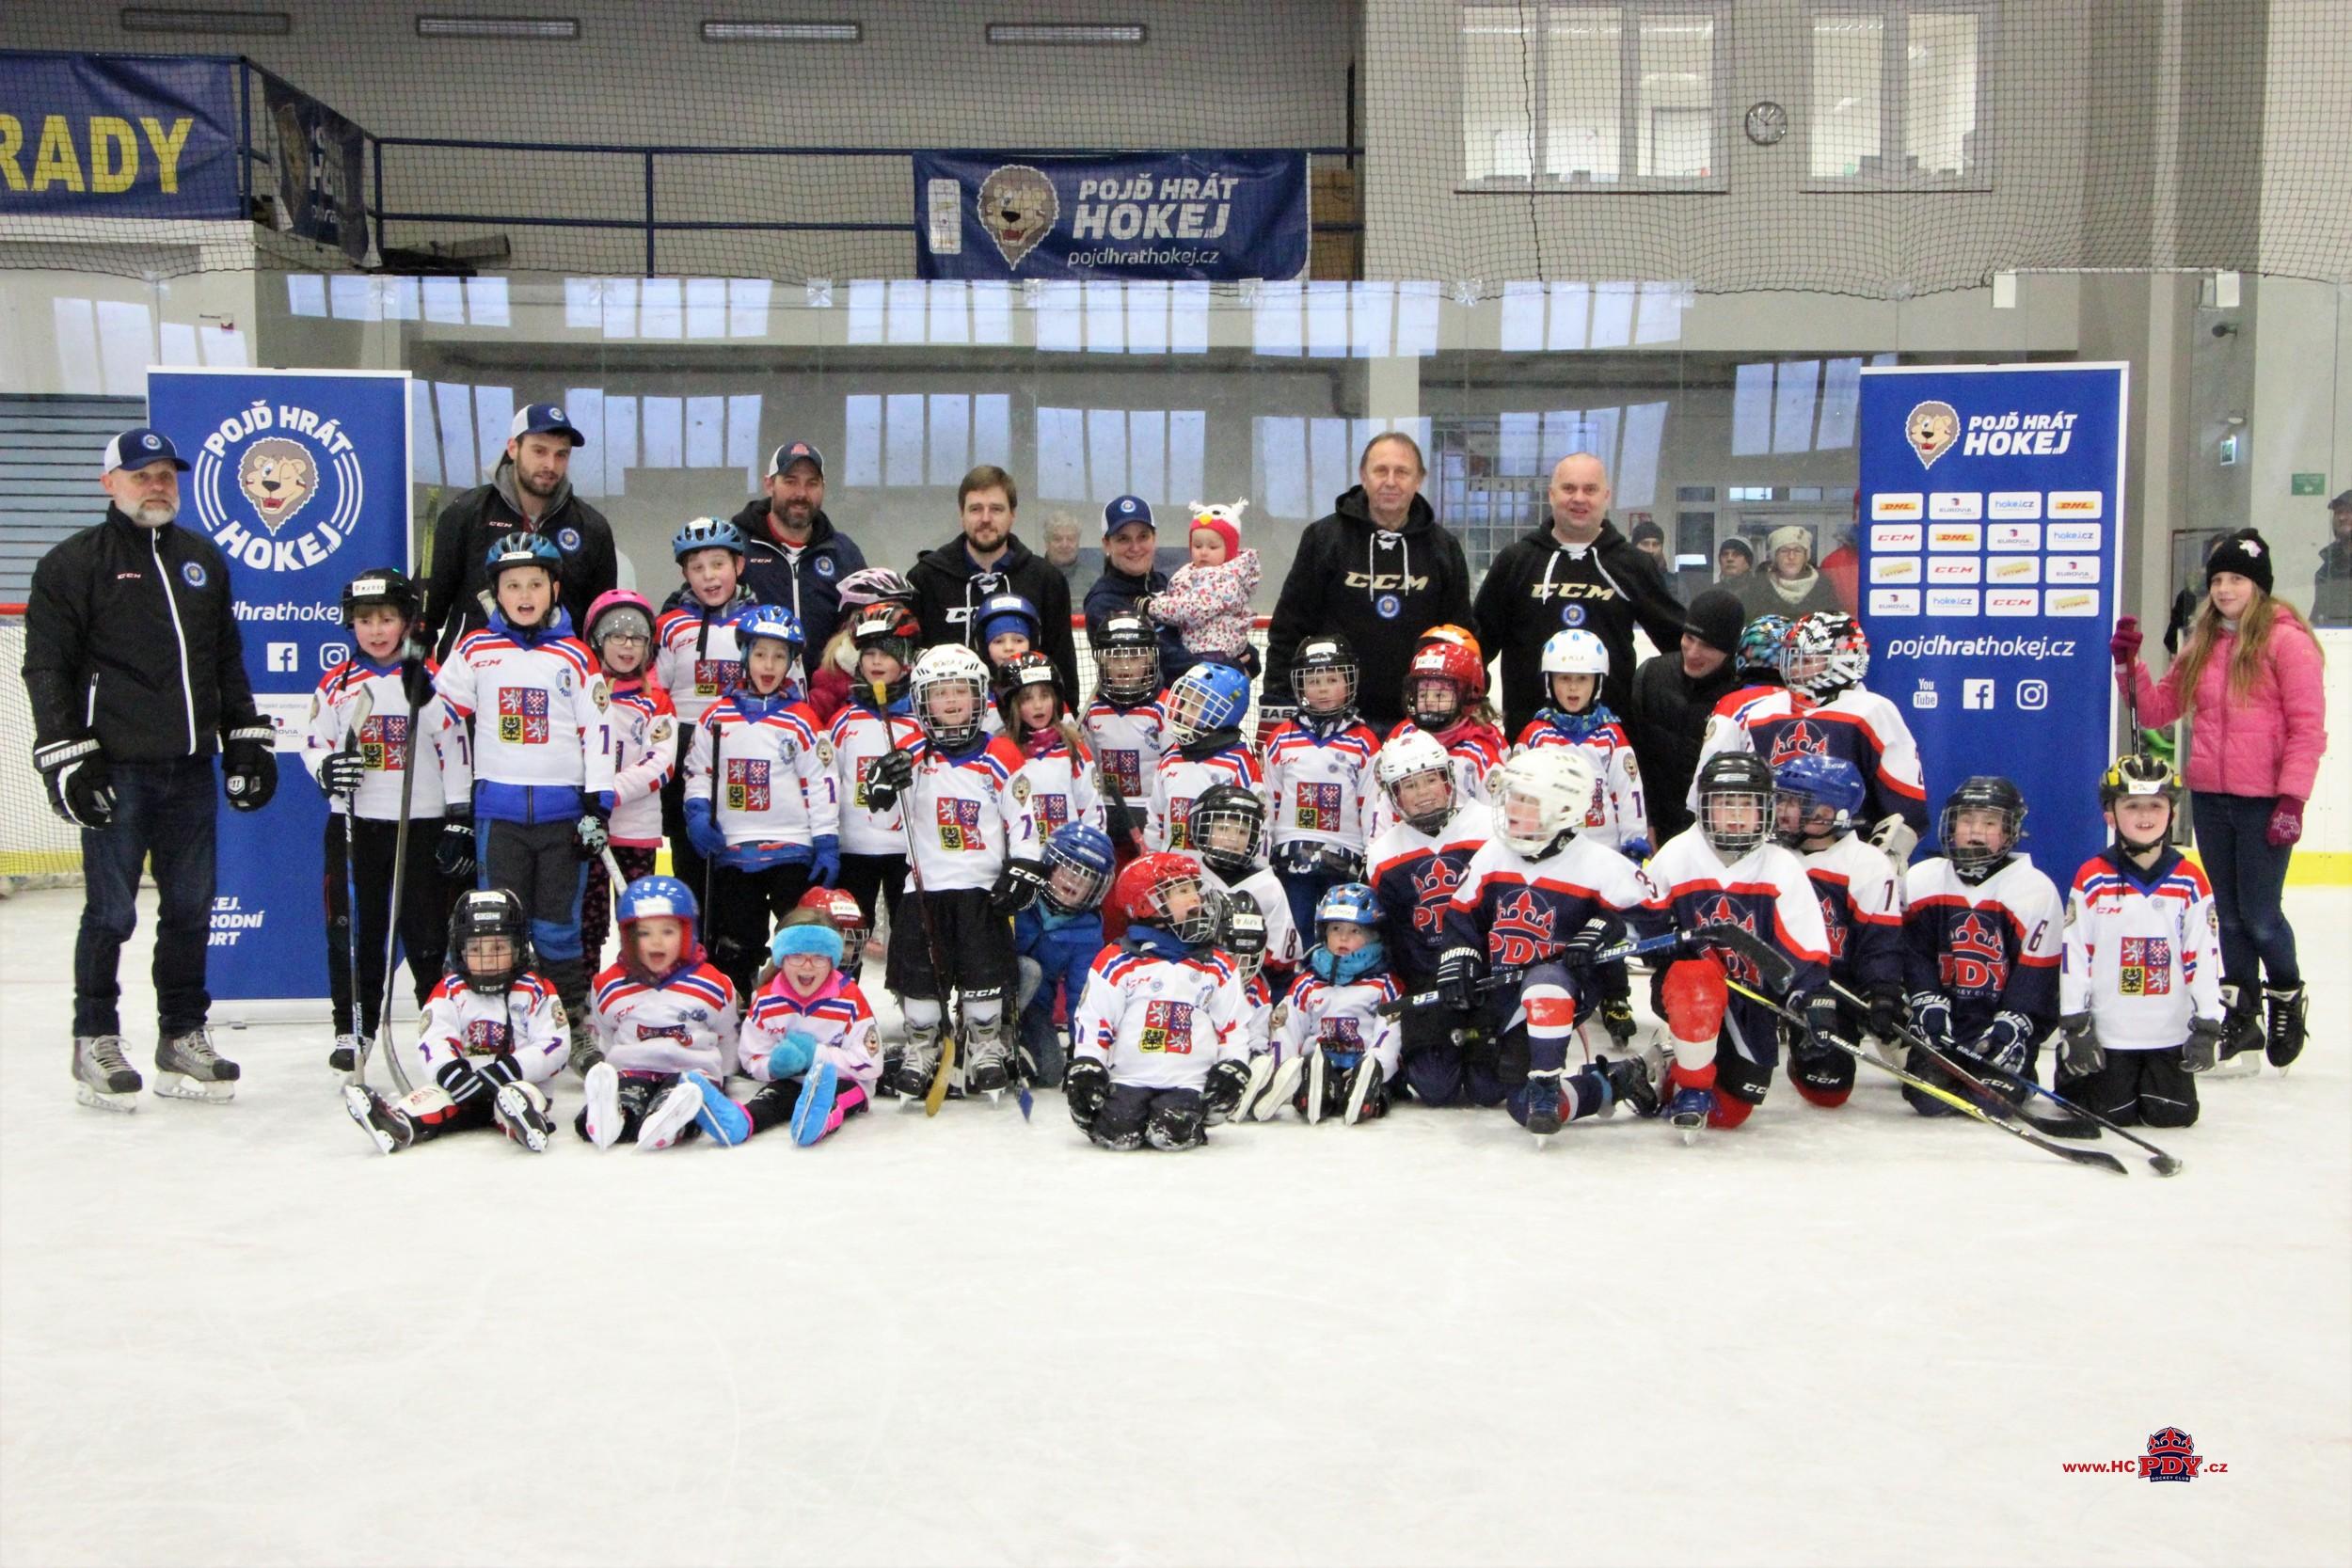 c77d219de Pojď hrát hokej v Poděbradech - leden 2018 - HC Poděbrady